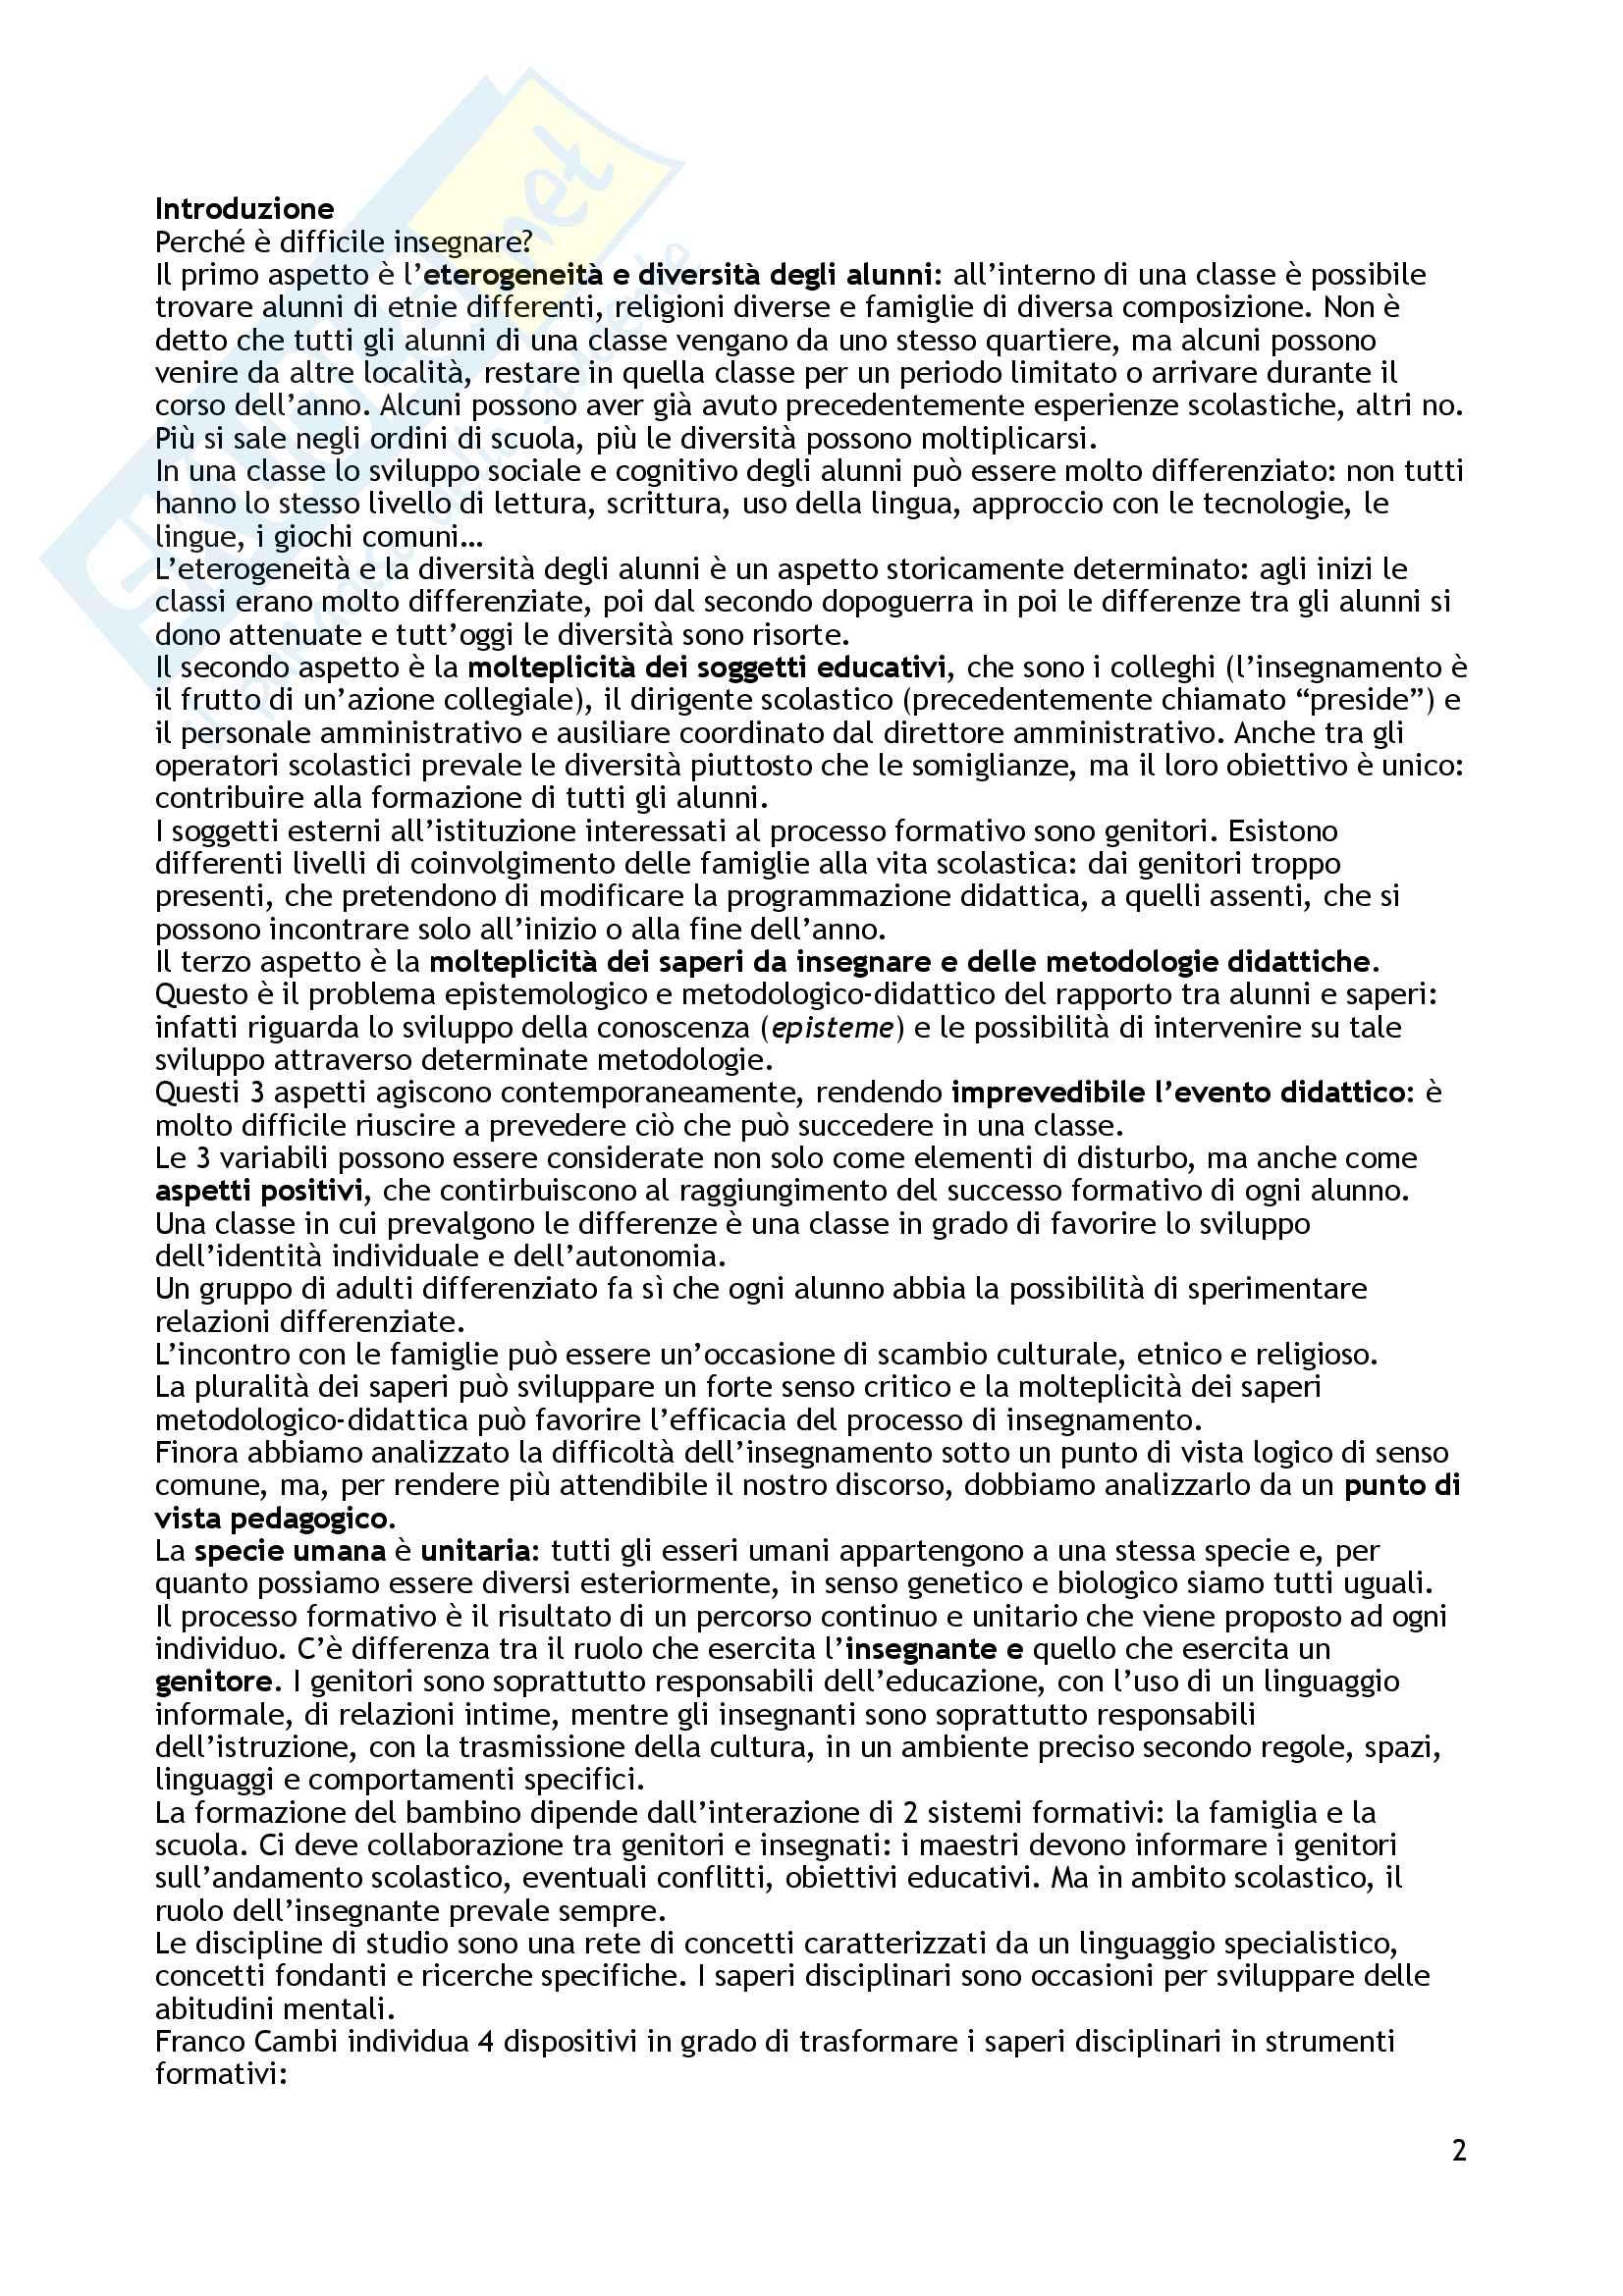 """Riassunto esame Didattica generale, prof. Giuliano Franceschini, libro consigliato """"Insegnanti consapevoli. Saperi e competenze per insegnanti di scuola dell'infanzia e di scuola primaria"""", Franceschini Giuliano Pag. 2"""